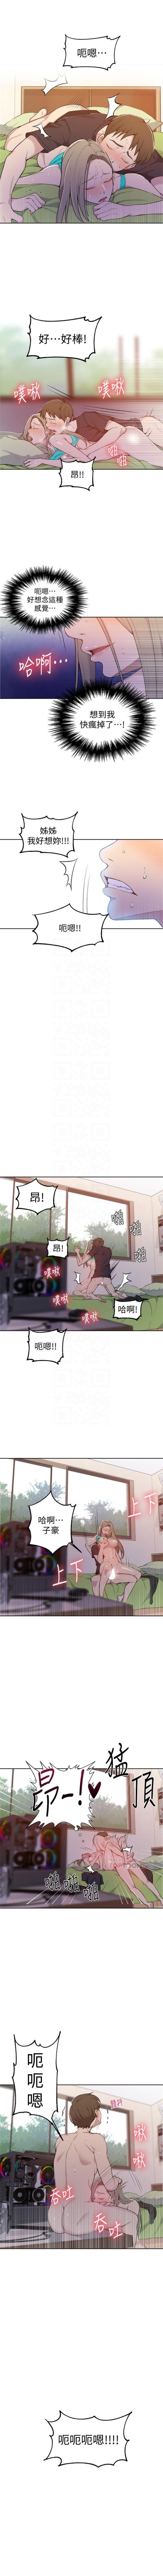 秘密教學  1-50 官方中文(連載中) 319